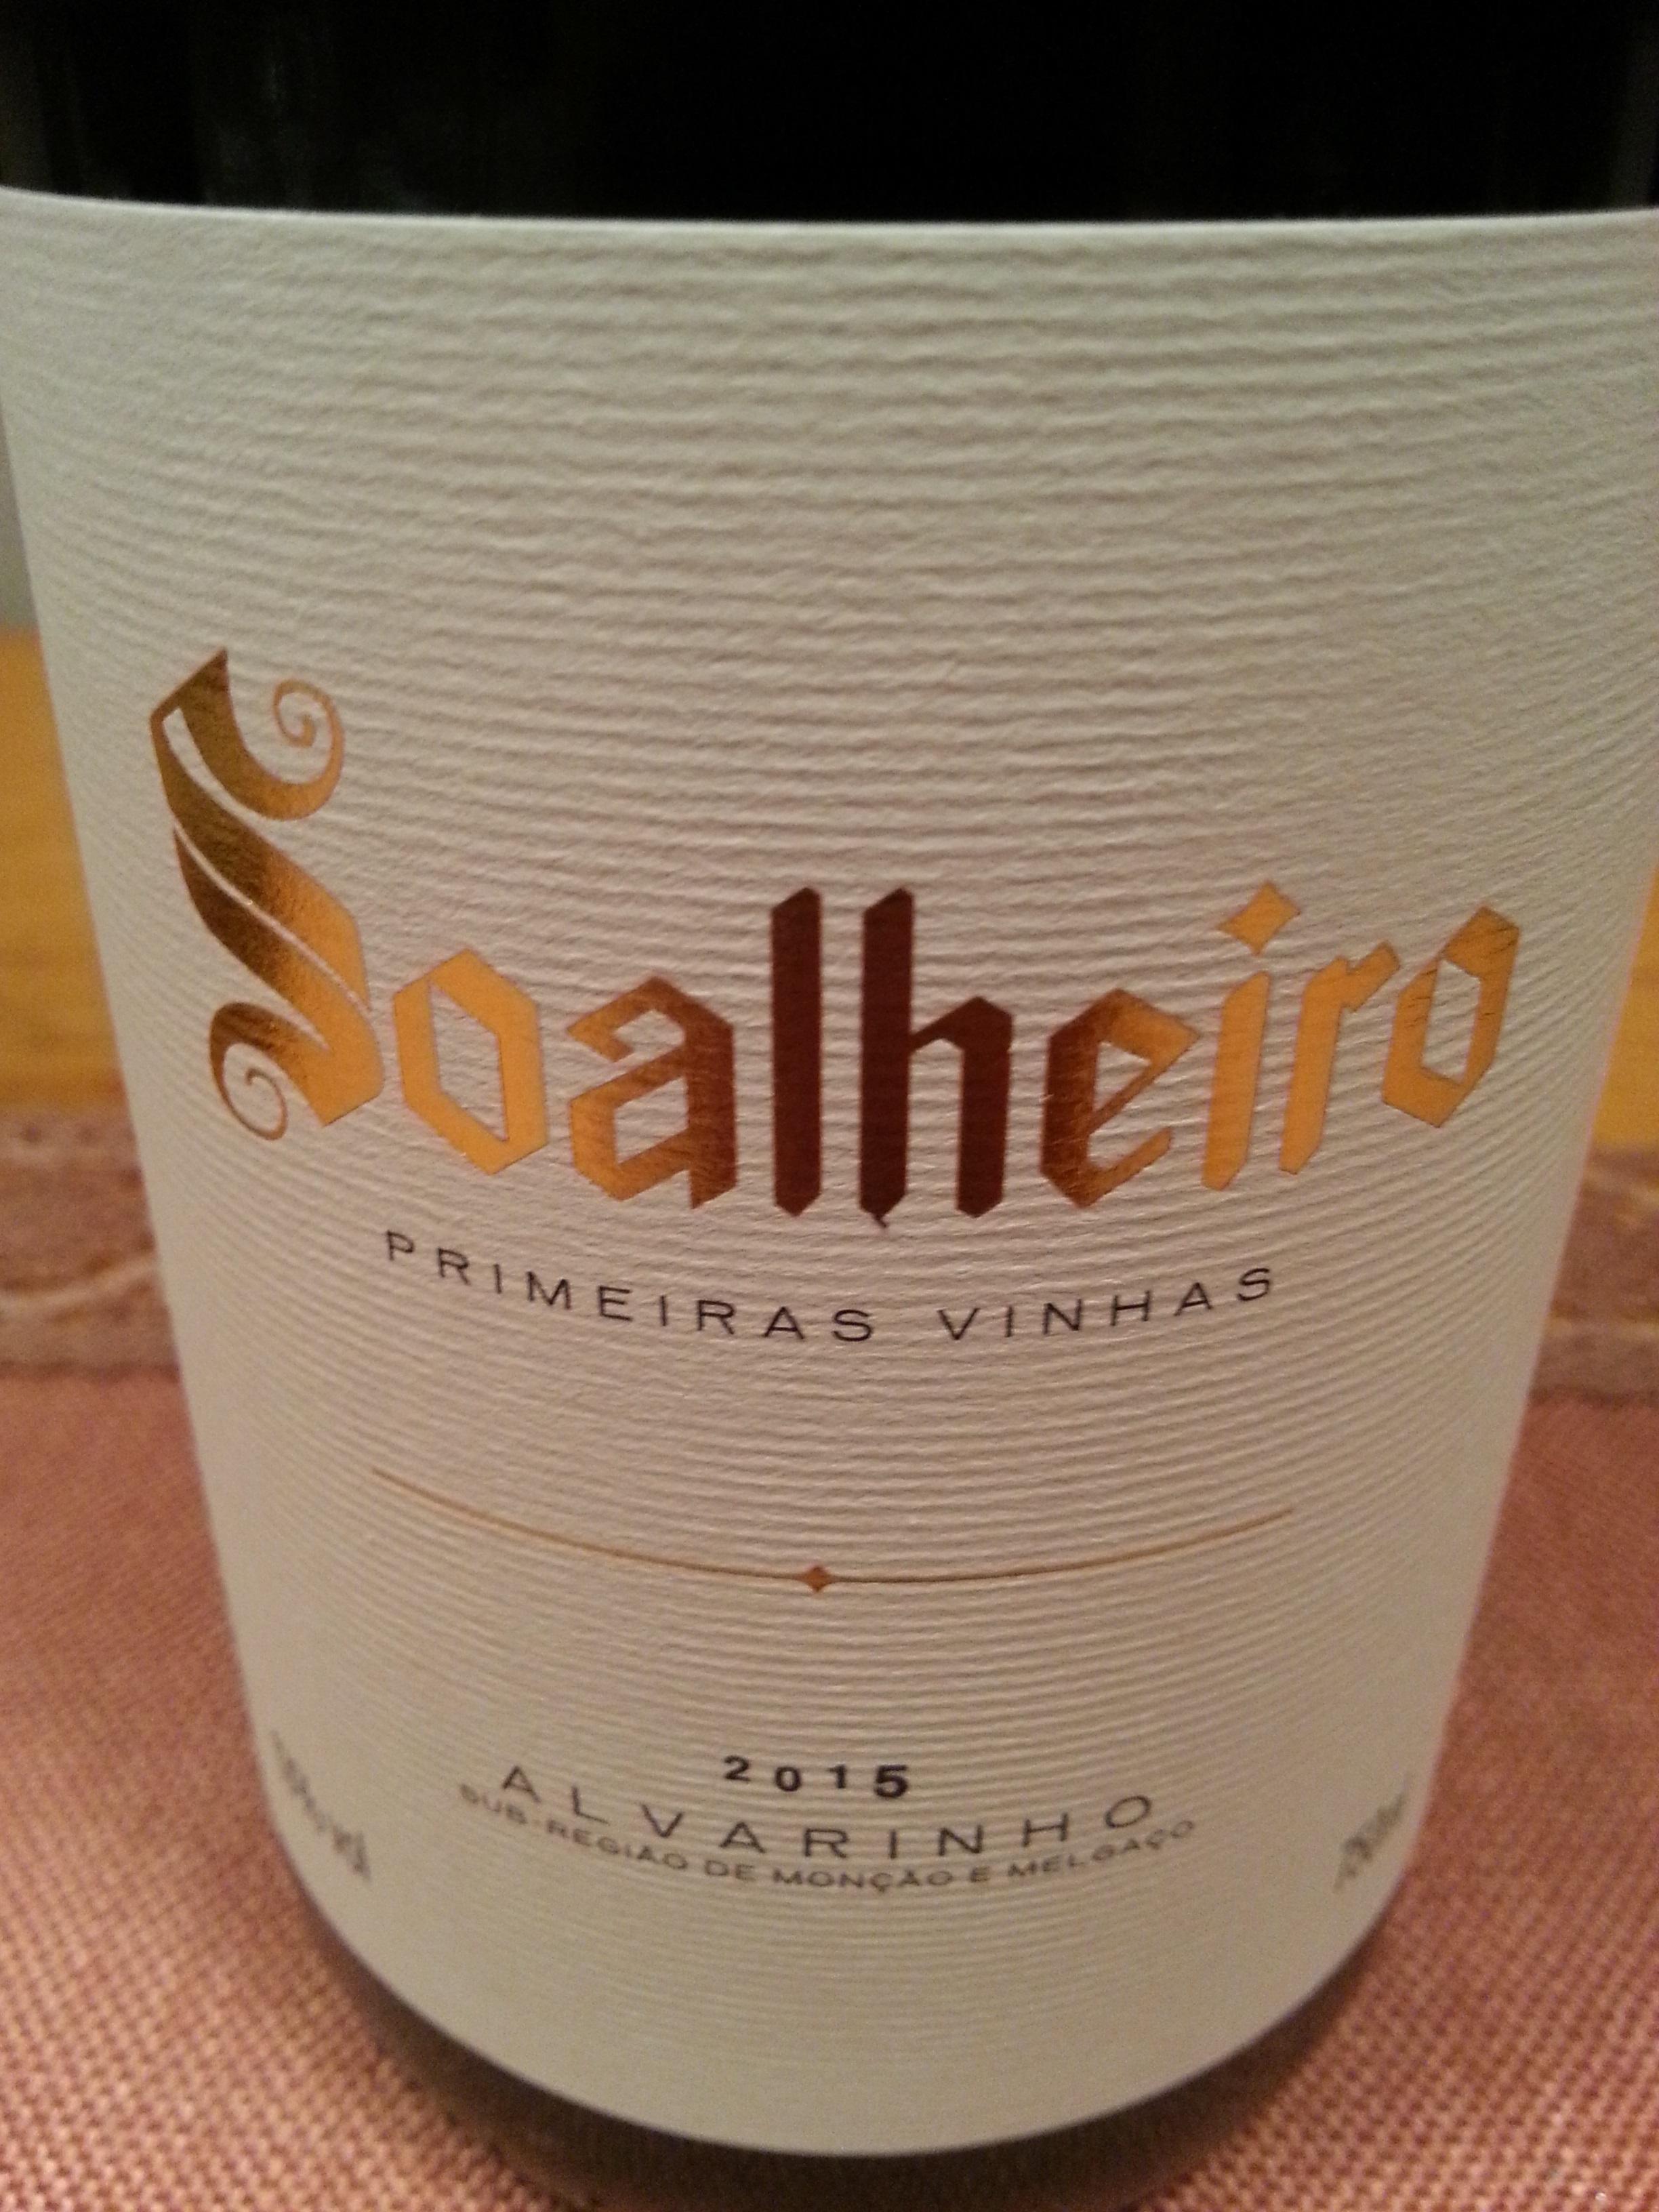 2015 Vinho Verde Primeiras Vinhas | Soalheiro